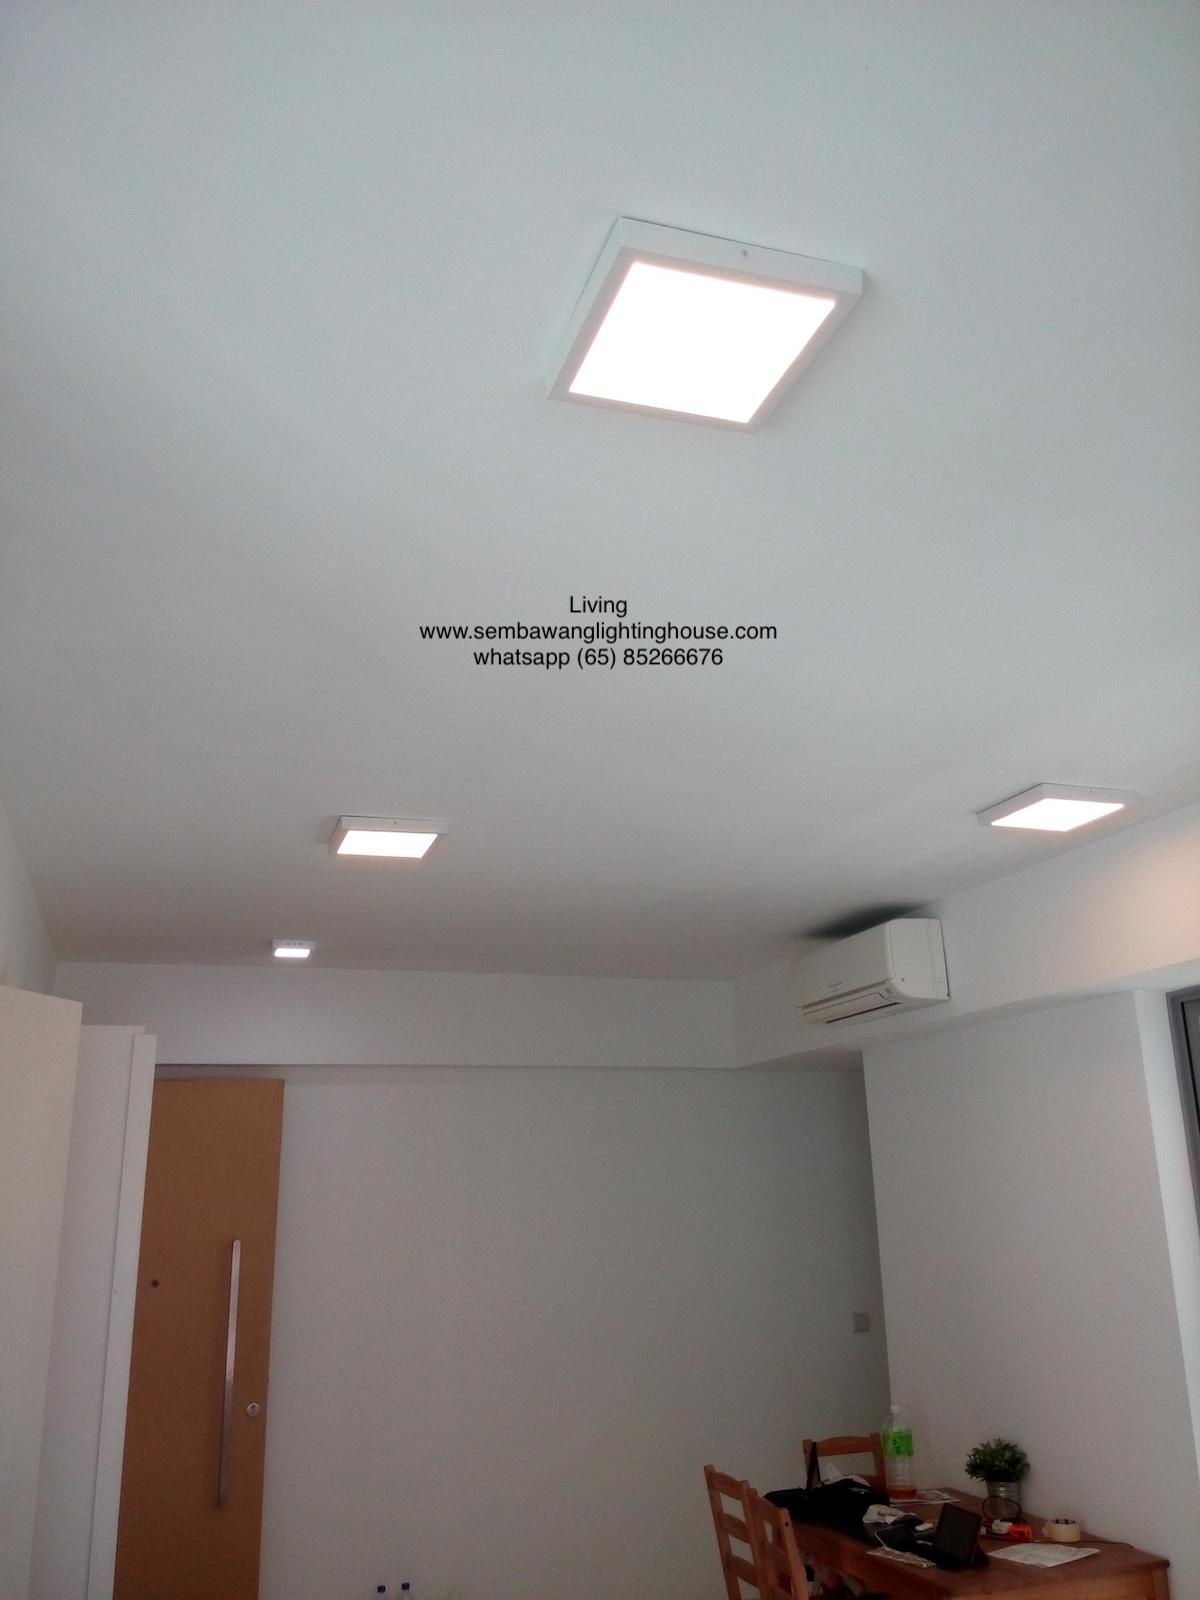 plain-square-ceiling-lamp-sample07-living-sembawang-lighting-house.jpg